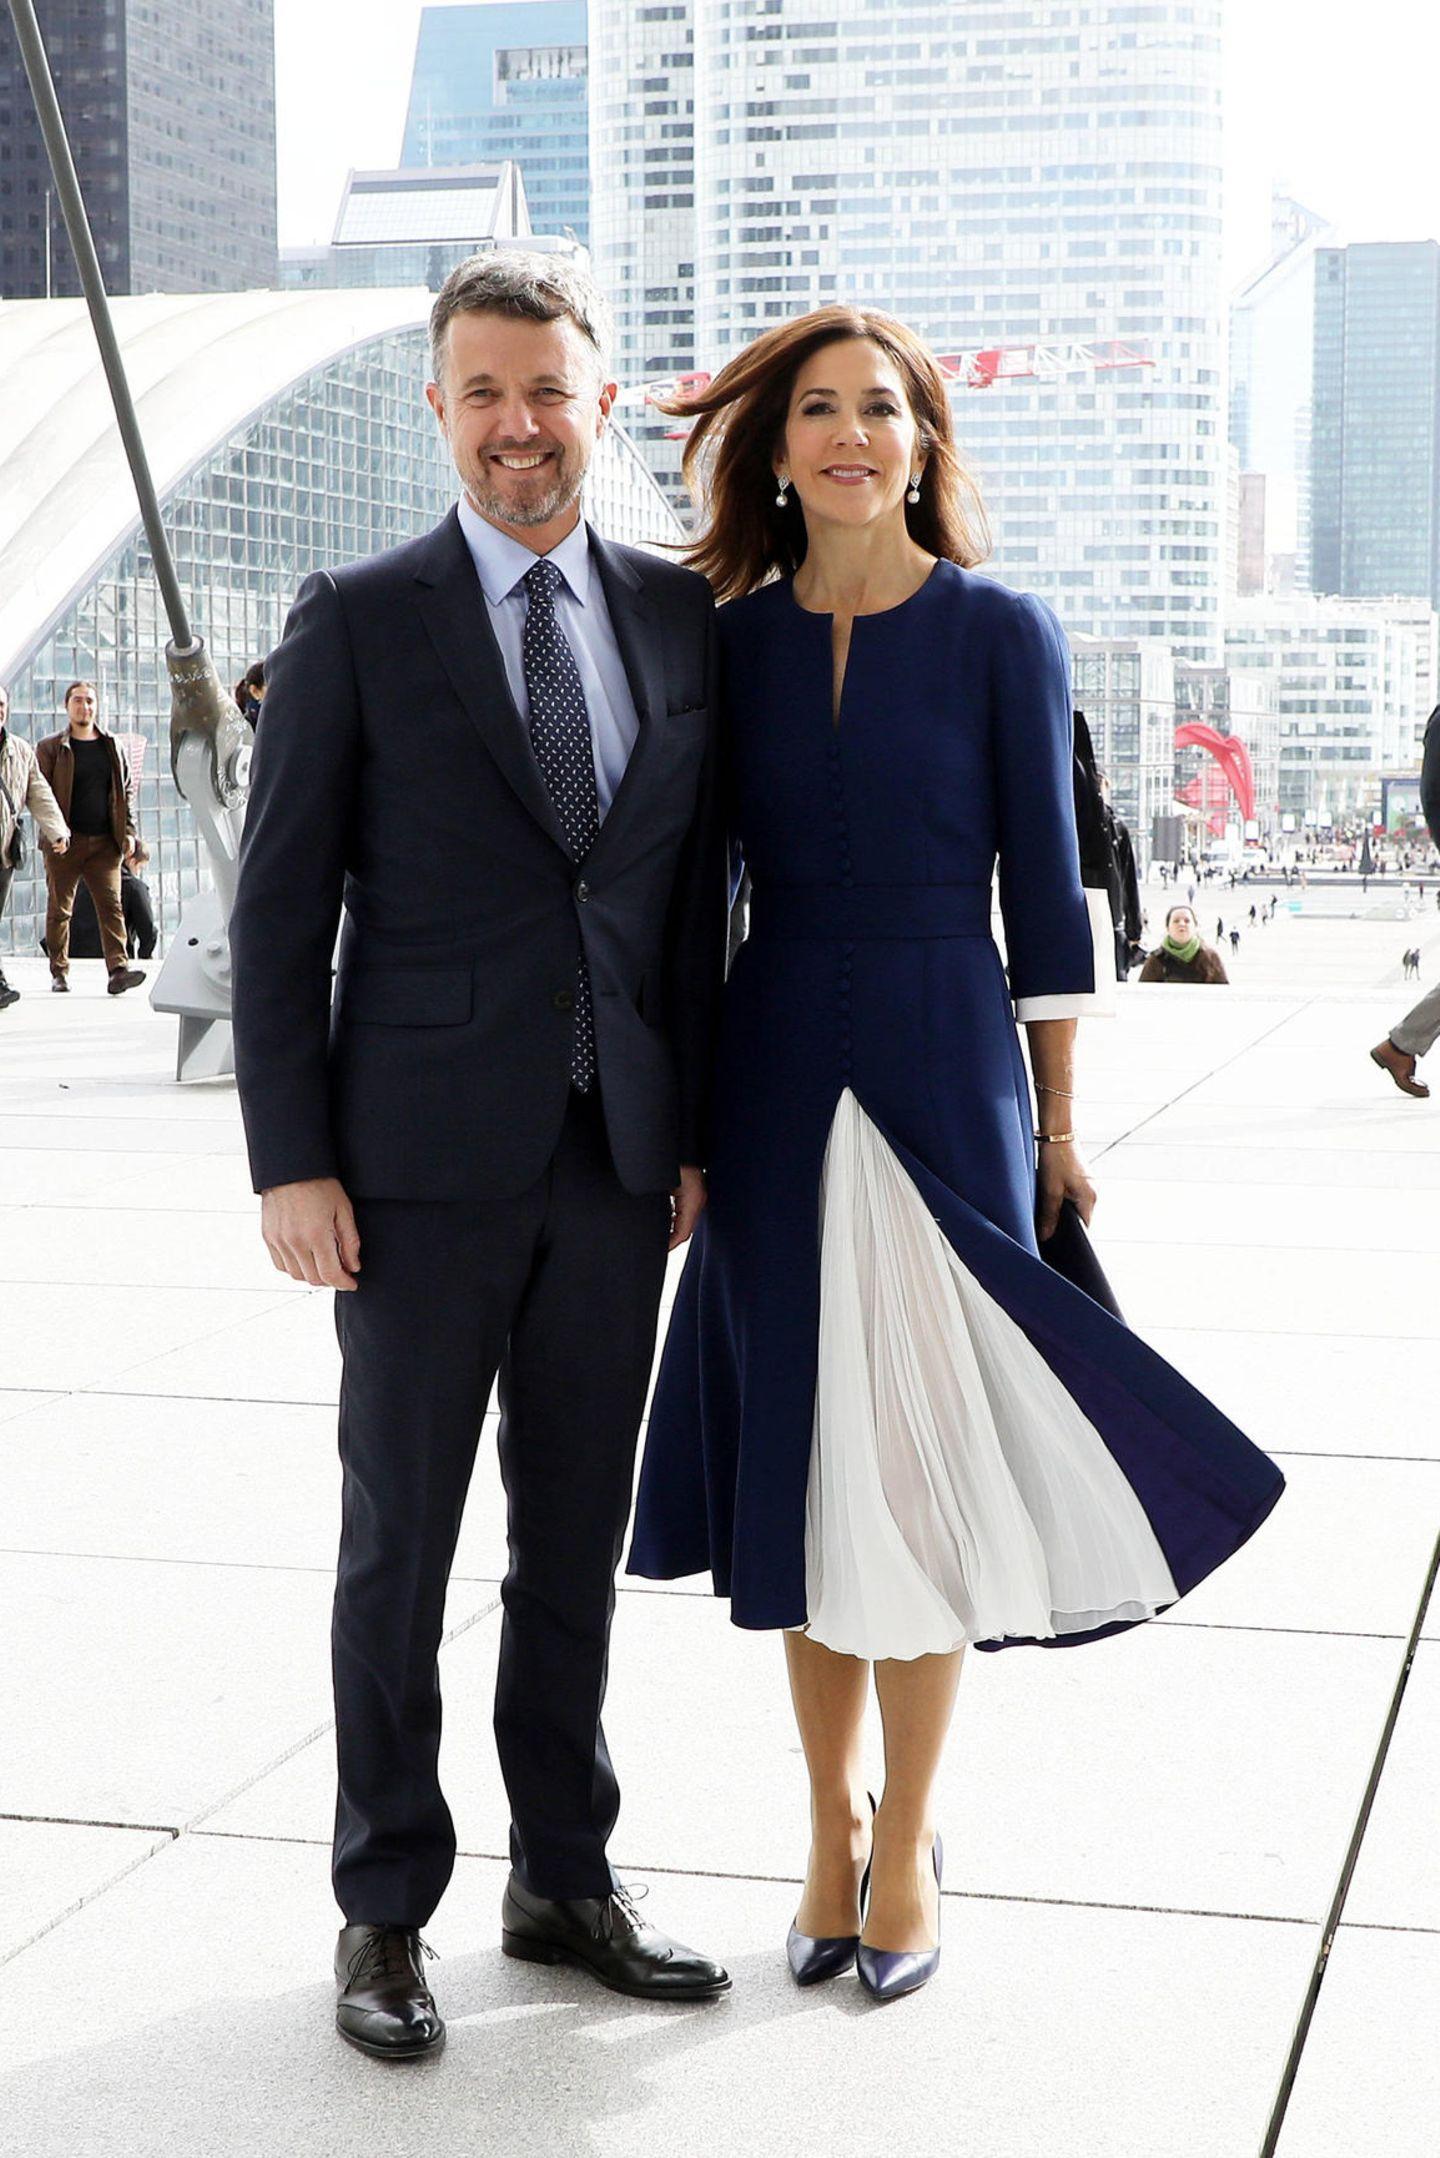 """7. Oktober 2019  Unter dem Motto """"Dänemark und Frankreich - gemeinsam für ein besseres Leben und eine nachhaltige Zukunft"""" sind Prinz Frederik und Prinzessin Mary für drei Tage nach Paris gereist. Hand in Hand posieren sie am Grande Arche."""